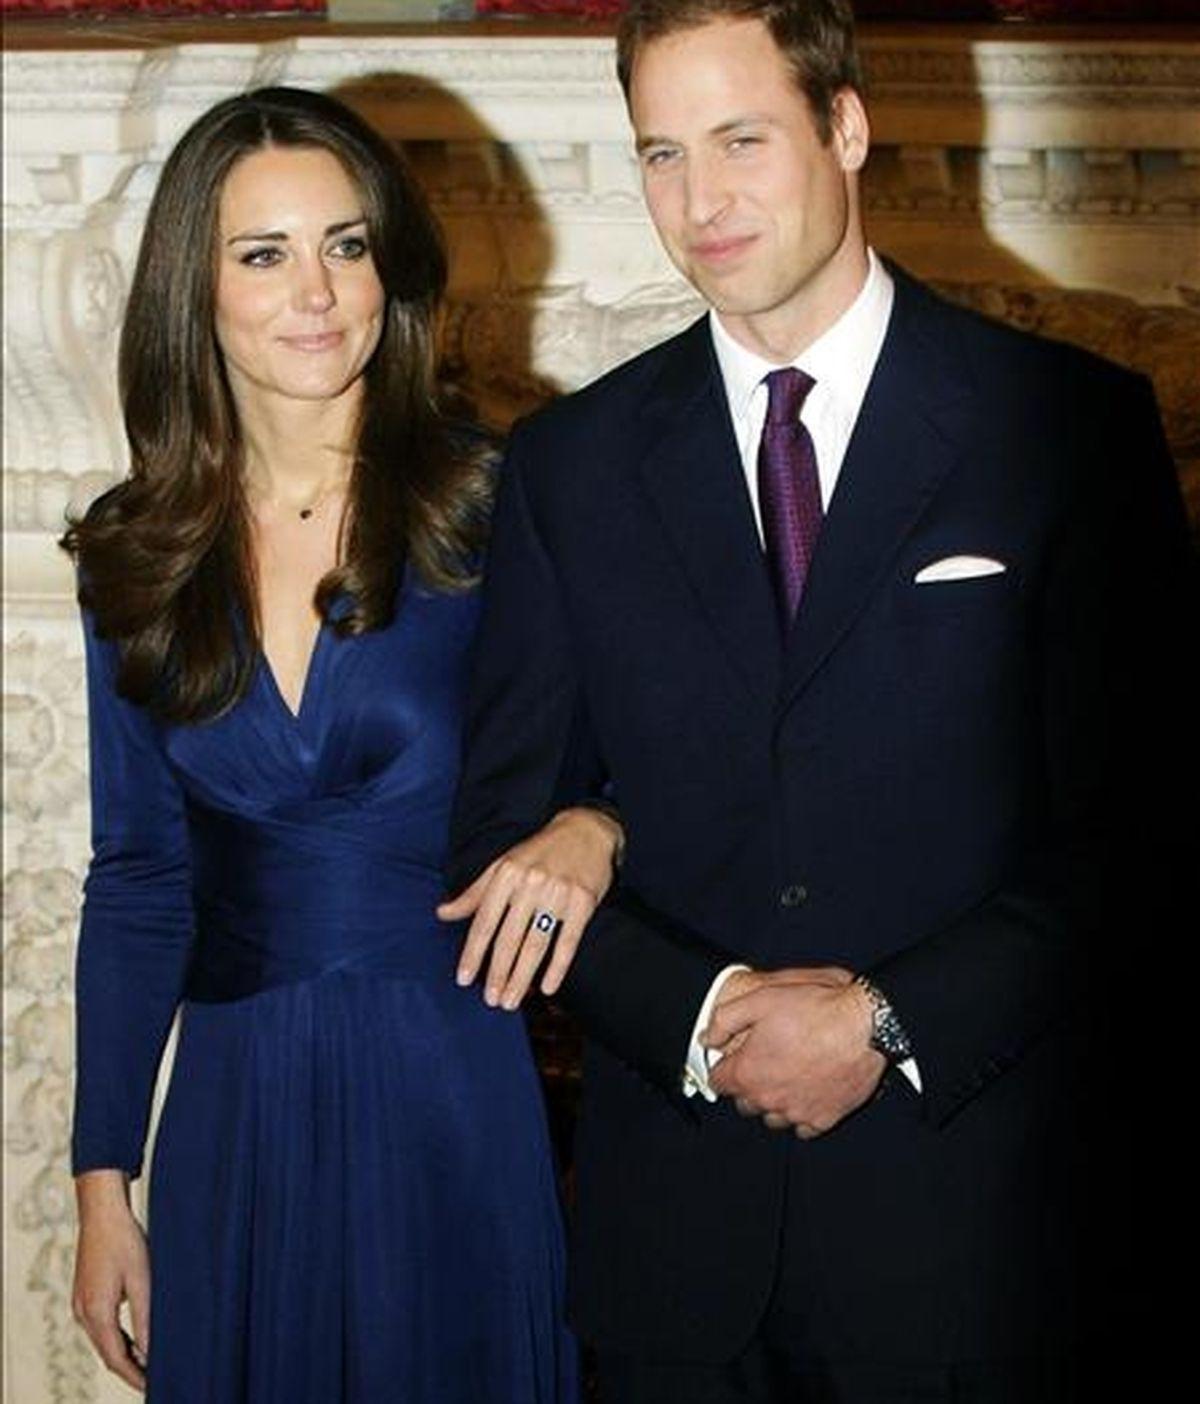 El príncipe Guillermo (d), segundo en la línea de sucesión al trono británico, y su prometida Kate Middleton (i) posan para los fotógrafos el martes 16 de noviembre de 2010, en el Palacio de San James en Londres (Reino Unido), después de anunciar su compromiso. EFE/Archivo